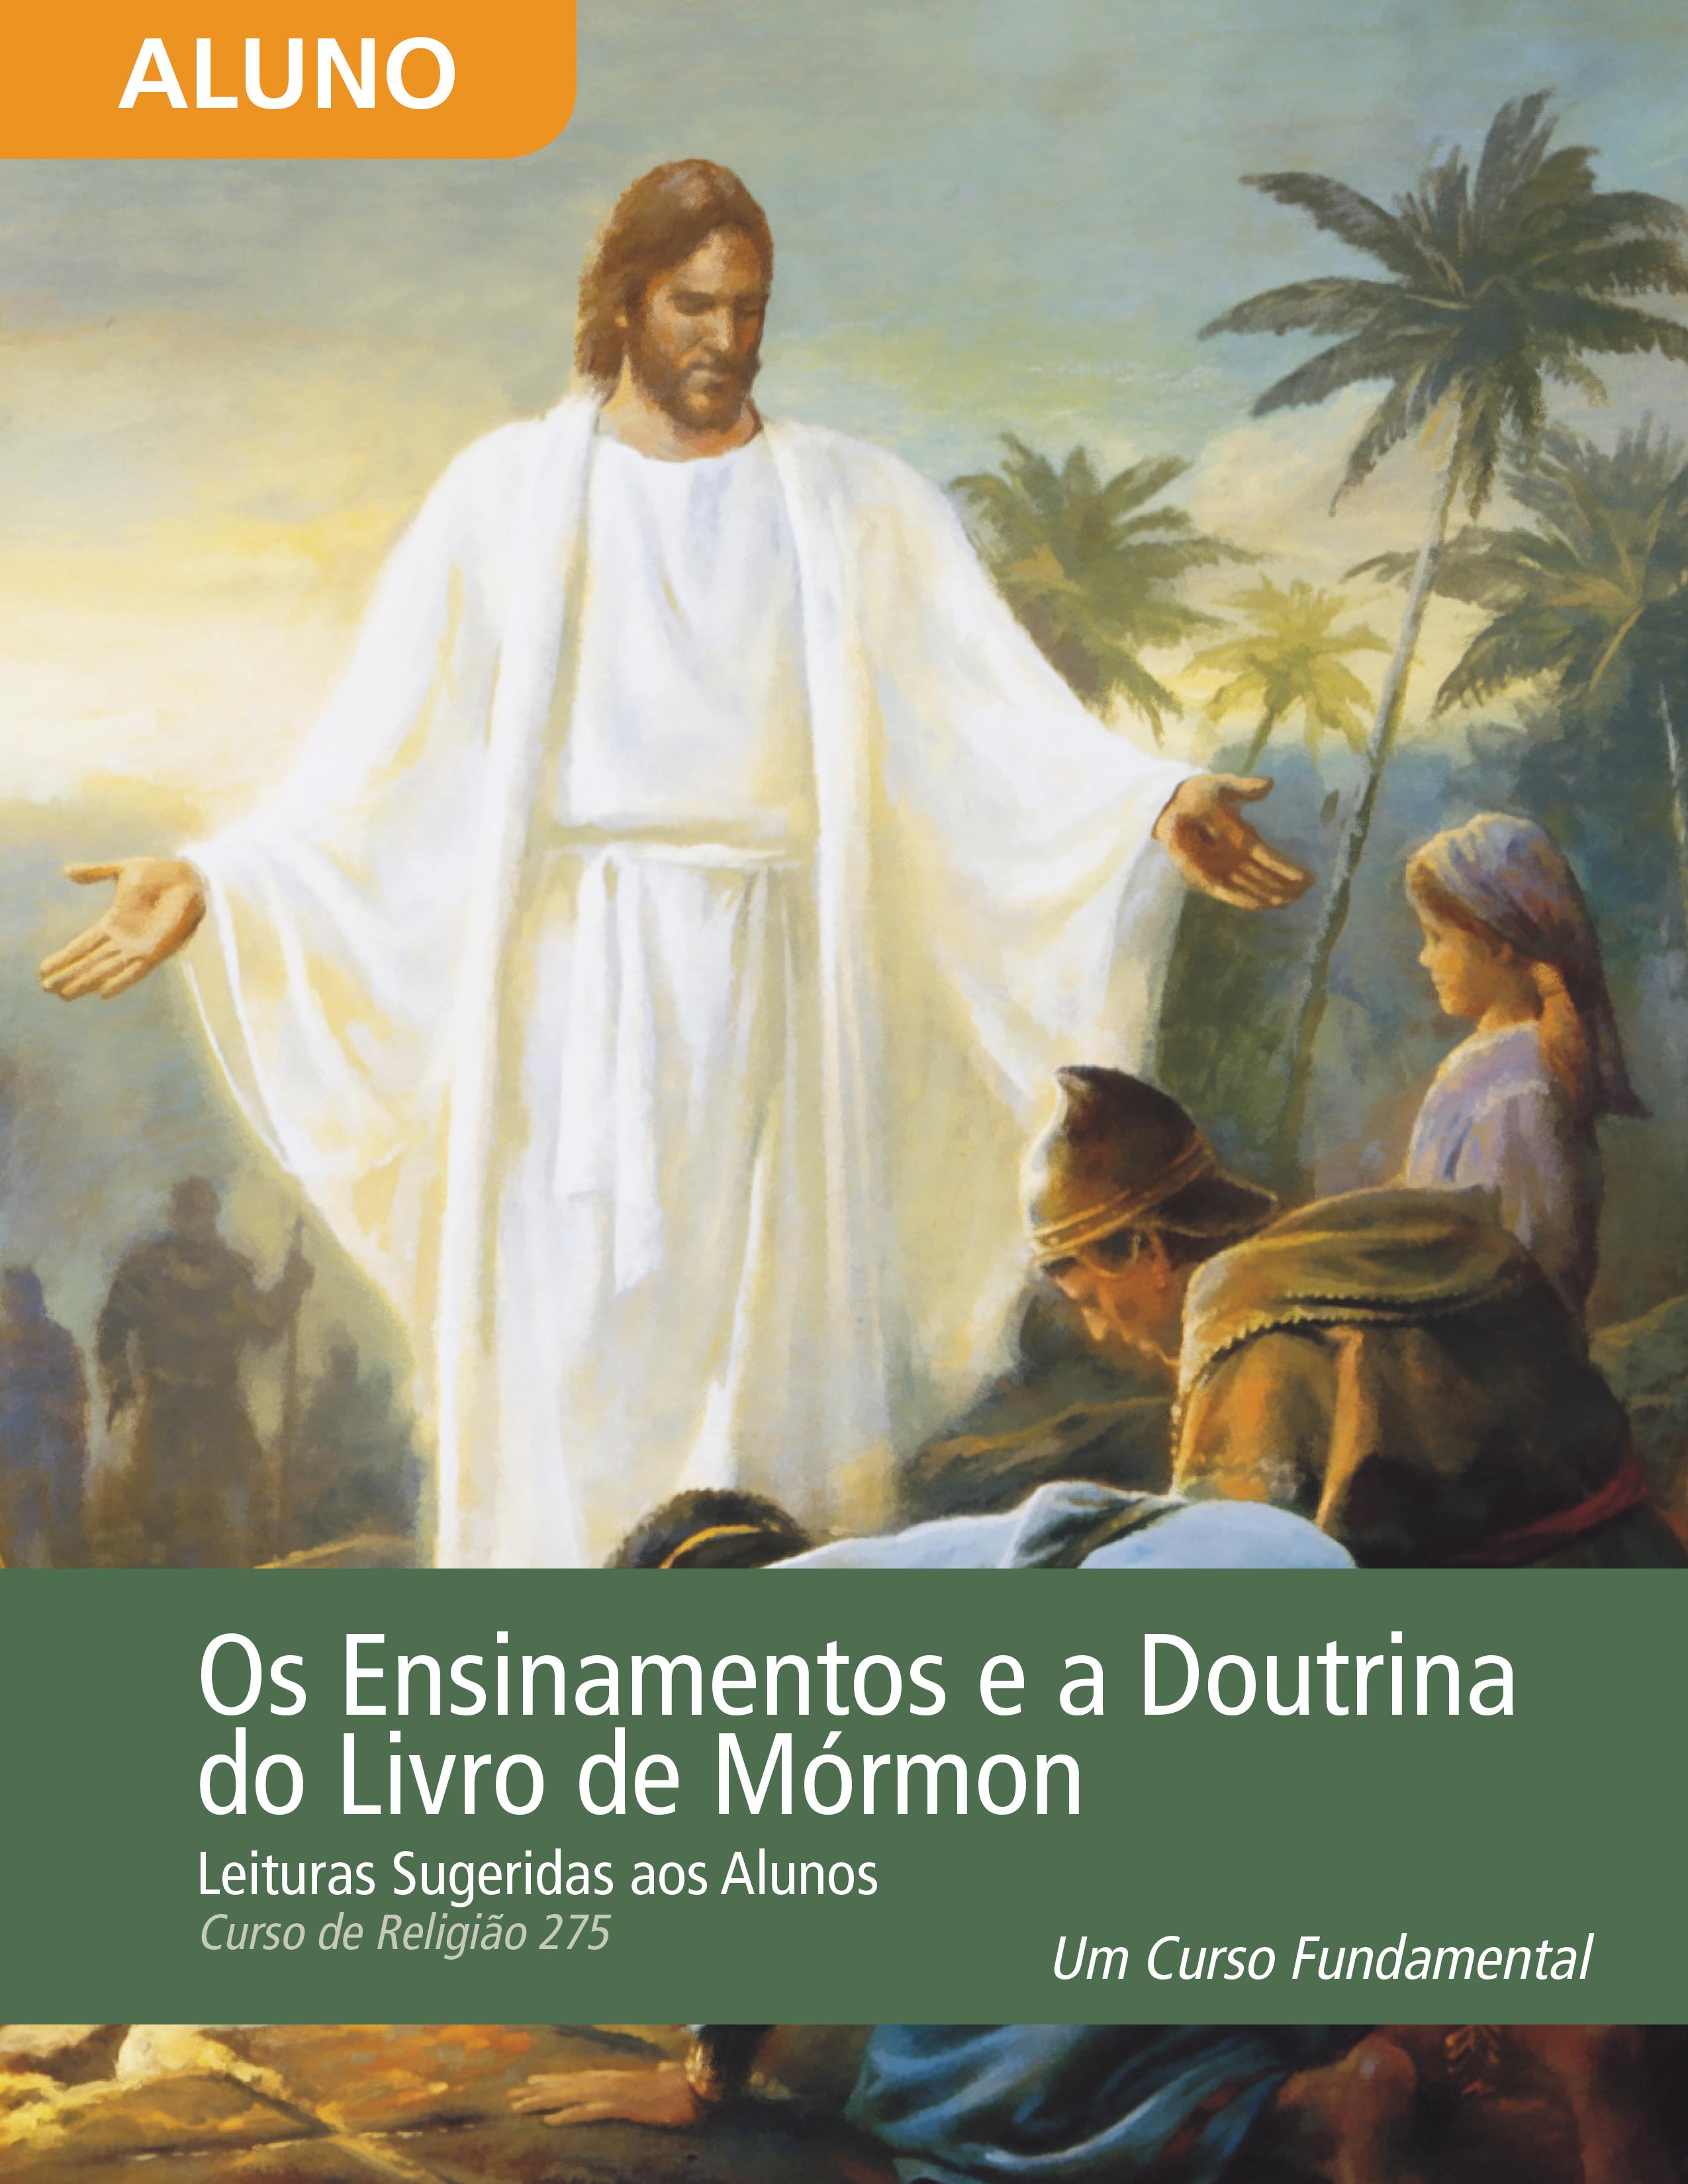 Os Ensinamentos e a Doutrina do Livro de Mórmon — Leituras para os Alunos (Rel 275)